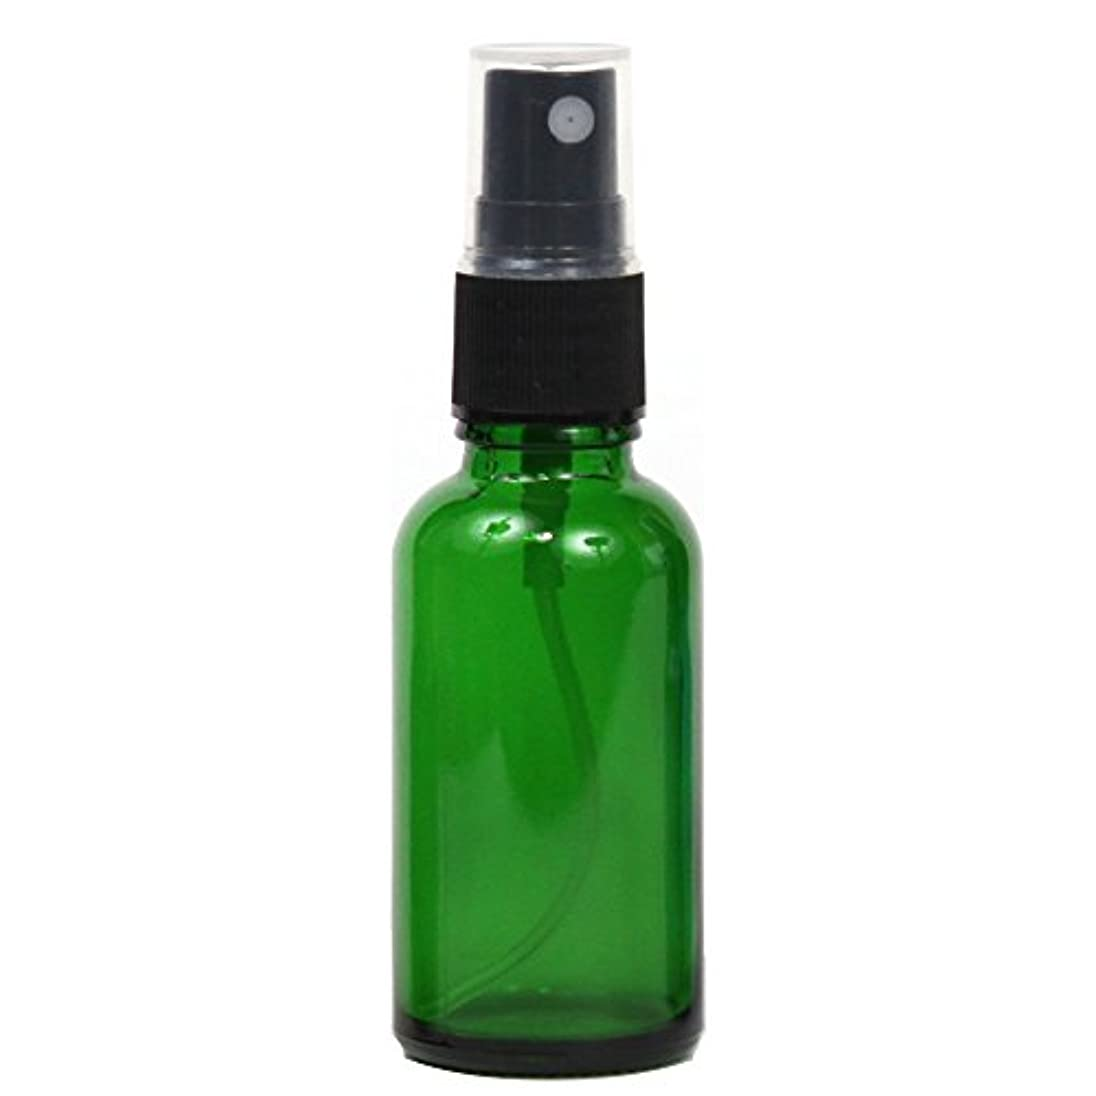 入場料理想的倫理的スプレーボトル 30mL ガラス遮光性グリーン 瓶 空容器